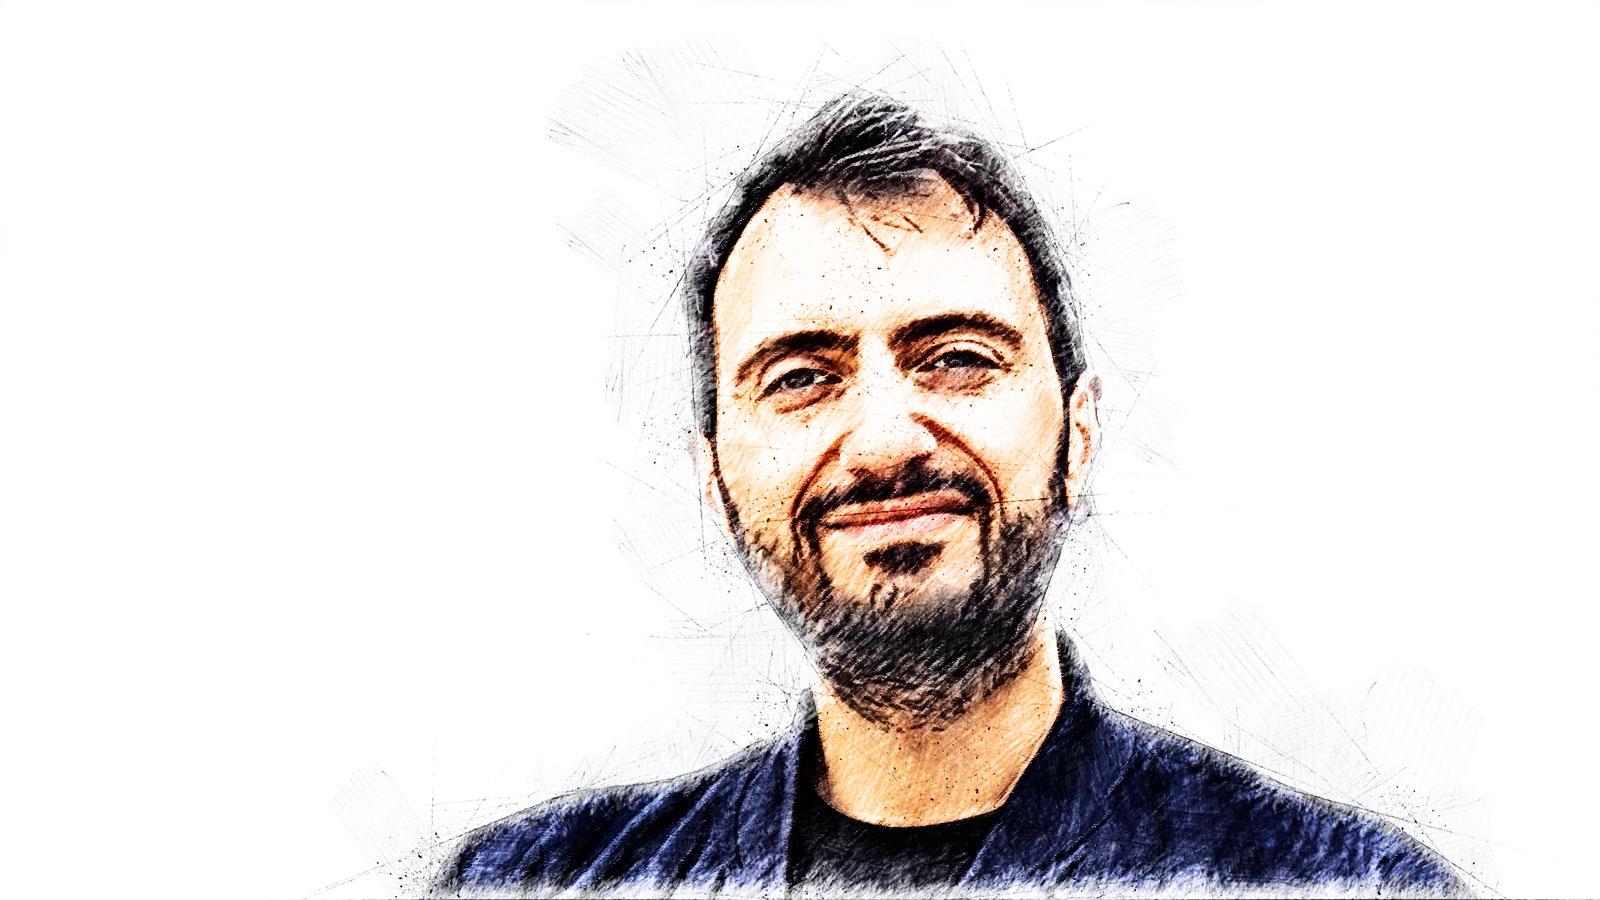 Tamer Düzyol, Geschichtswissenschaftler, MiGAZIN, Rassismus, Ausländer